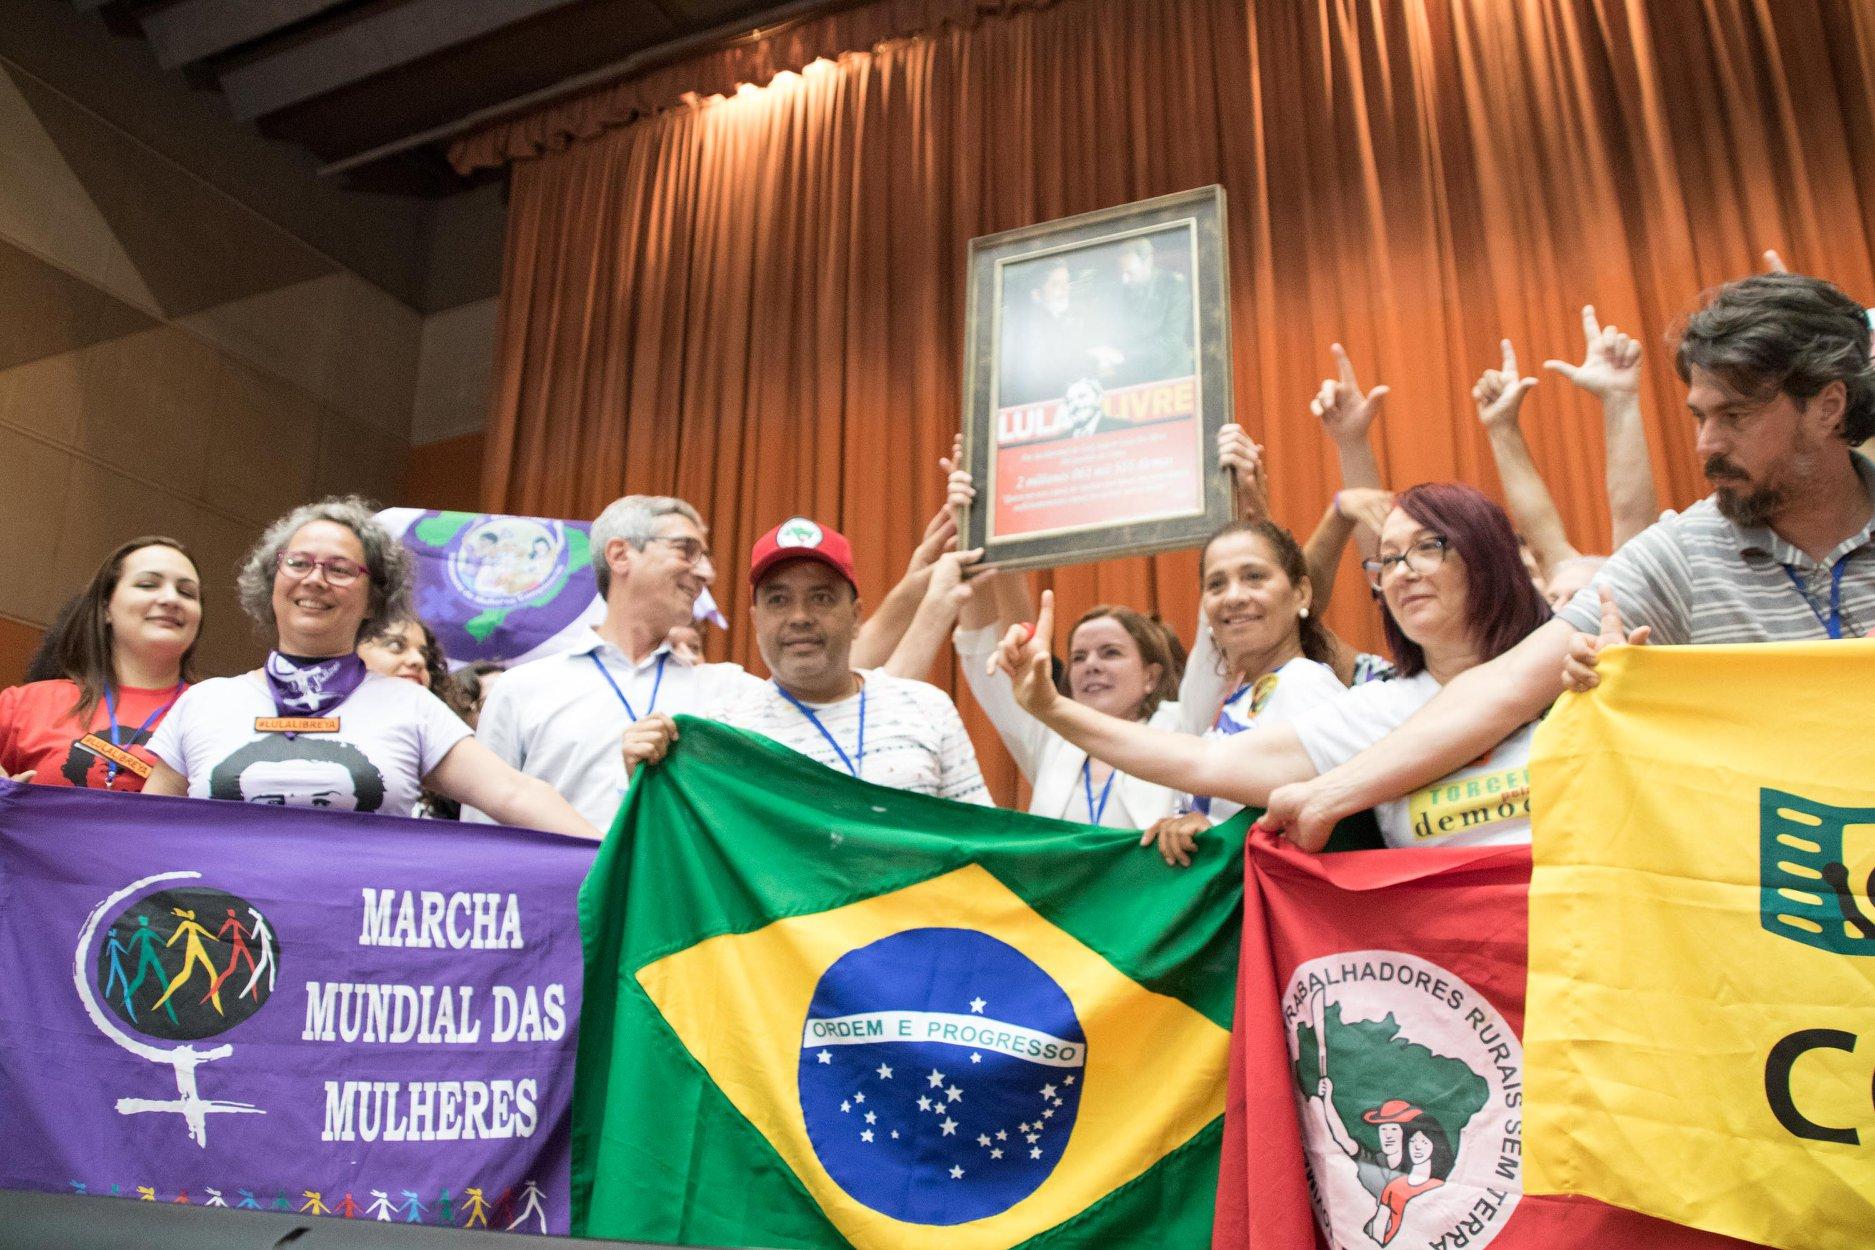 Delegação brasileira do encontro em Cuba contou com a participação da MMM, do MST e da participação da presidenta do PT, Gleisi Hoffmann - Créditos: Marcha Mundial das Mulheres